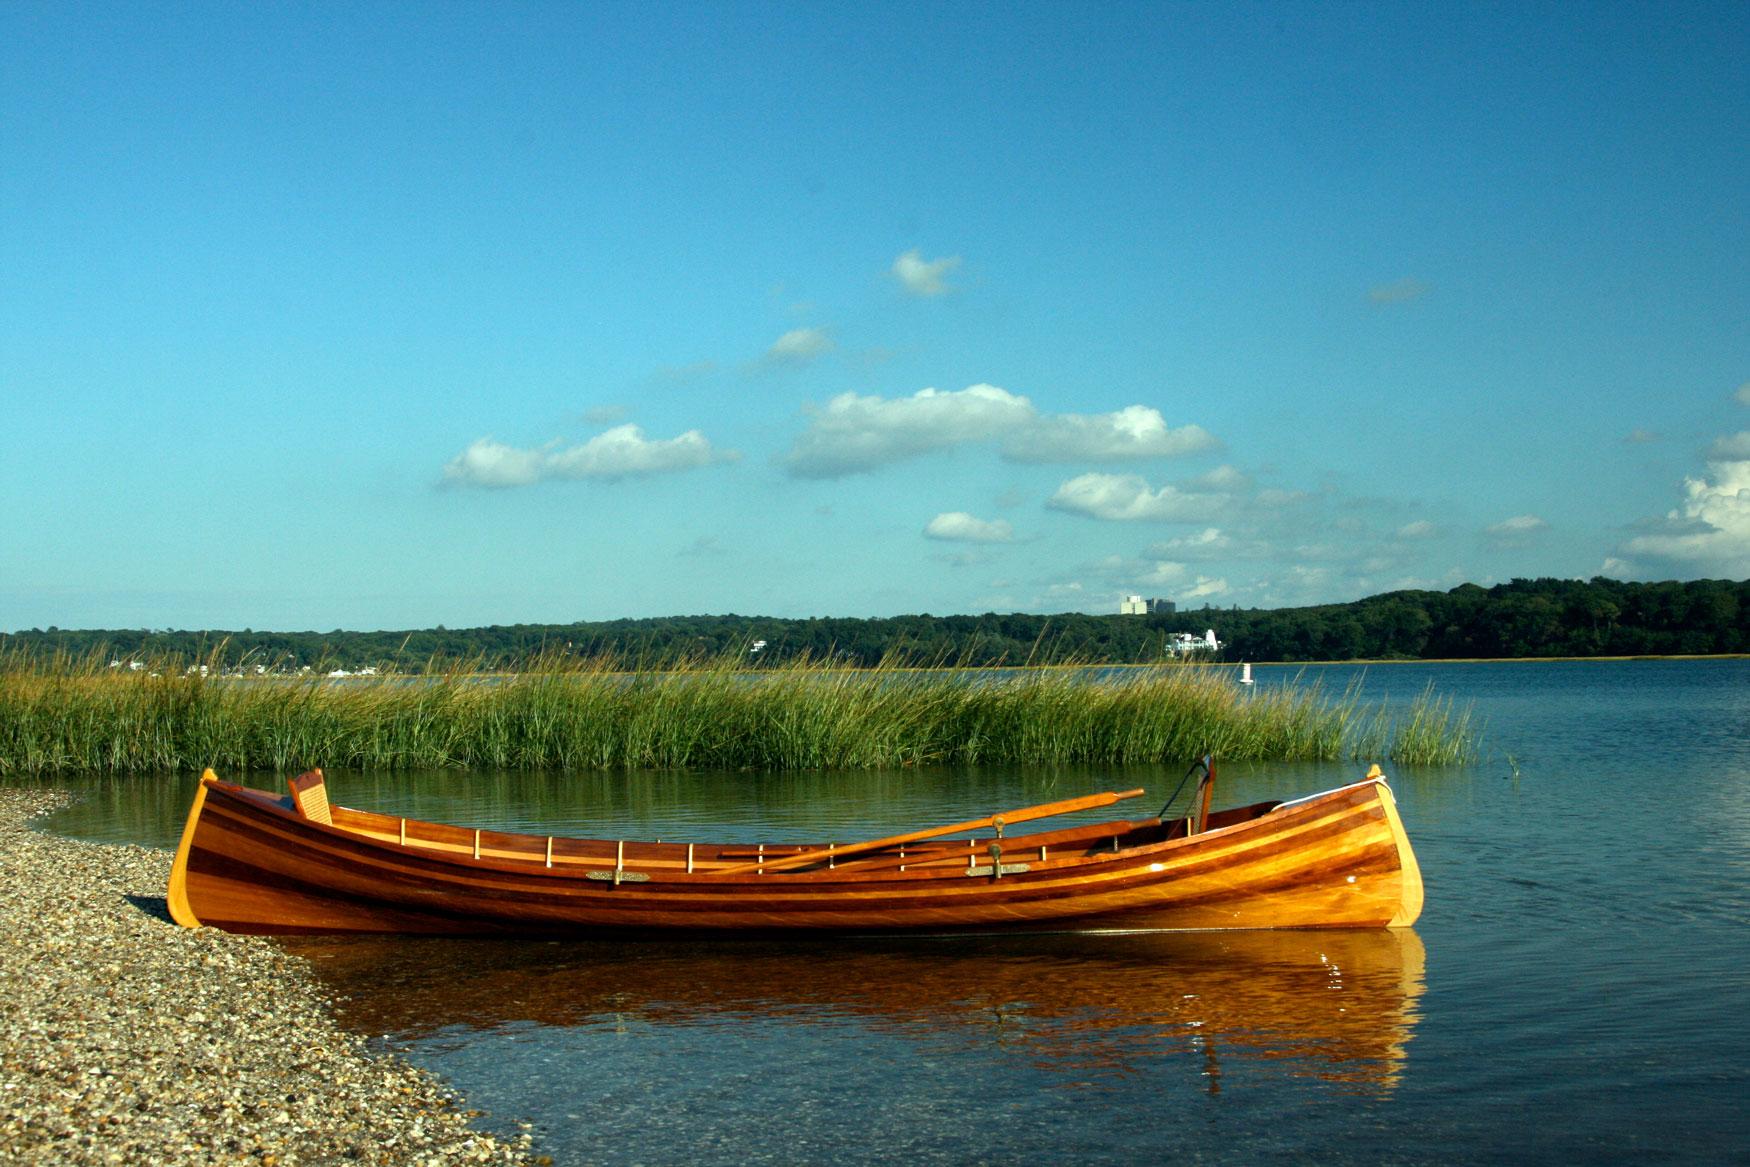 Adirondack Guide boat - Cedar Guideboat